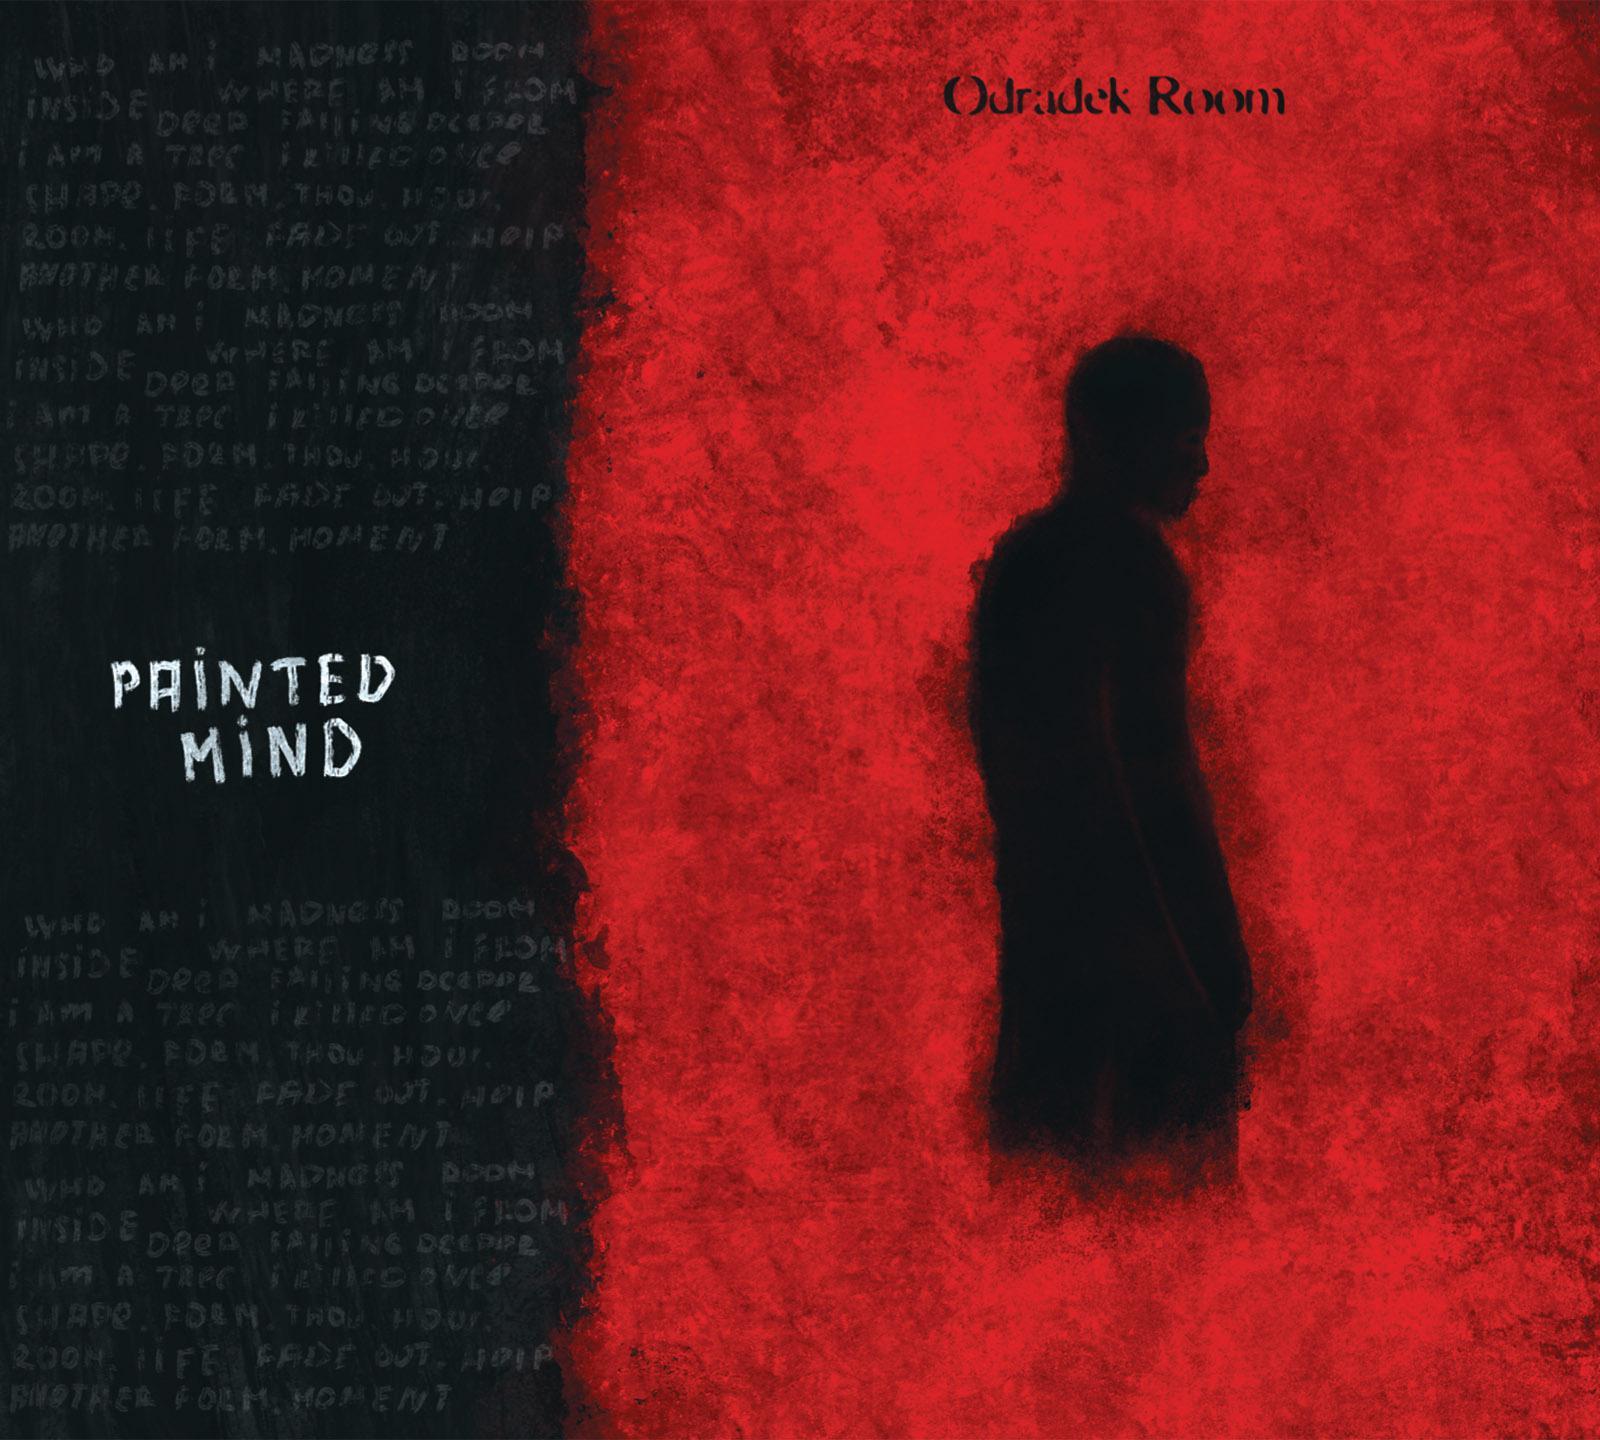 ODRADEK ROOM : le nouvel album Painted Mind en écoute intégrale